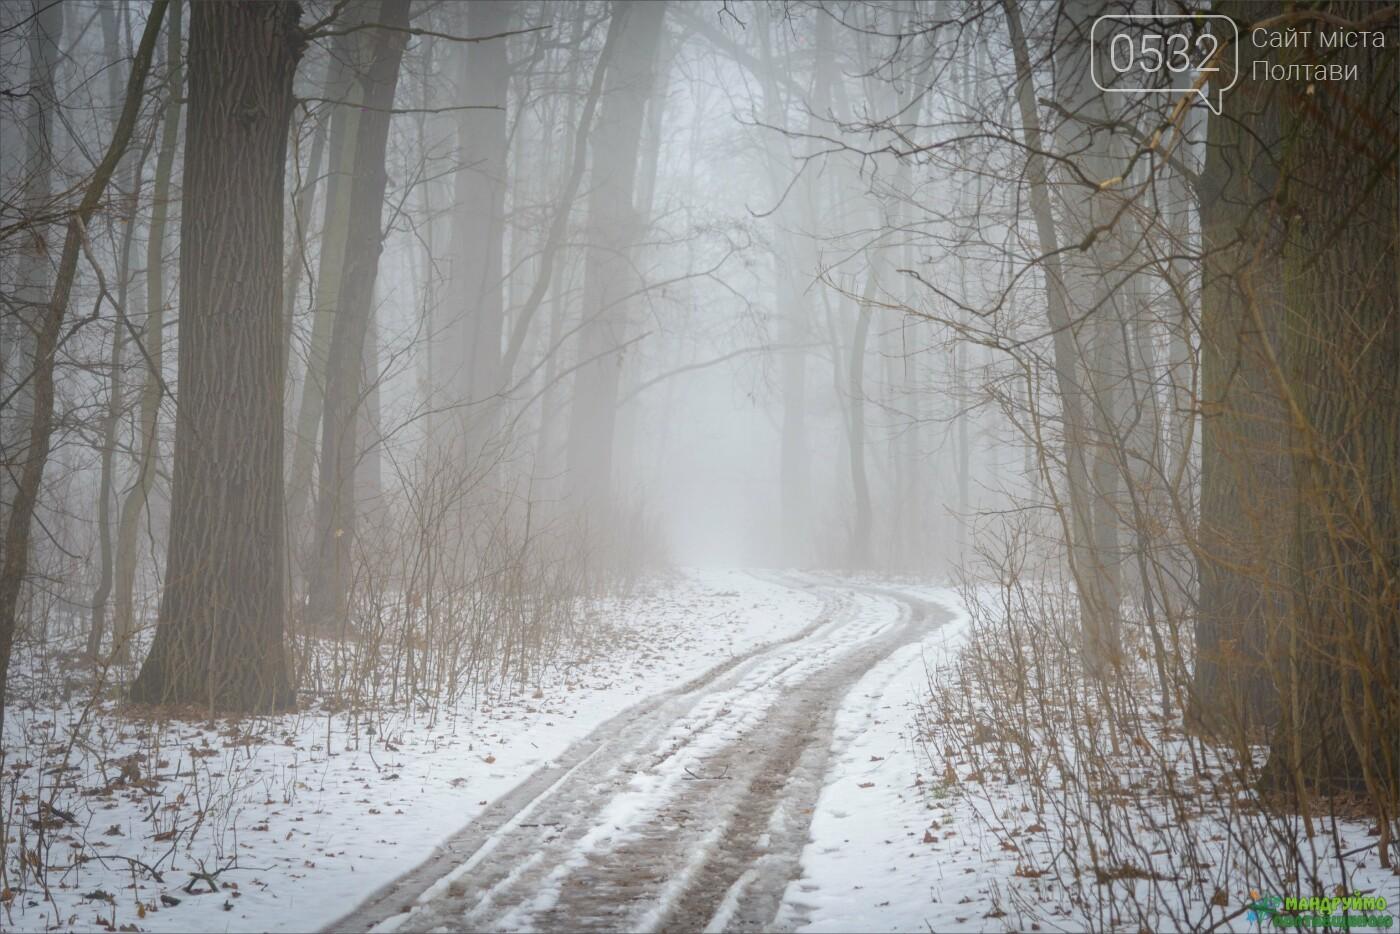 «Ліс – живий організм чи людський клопіт?» -  думки експертів з погляду екології і лісового господарства, фото-1